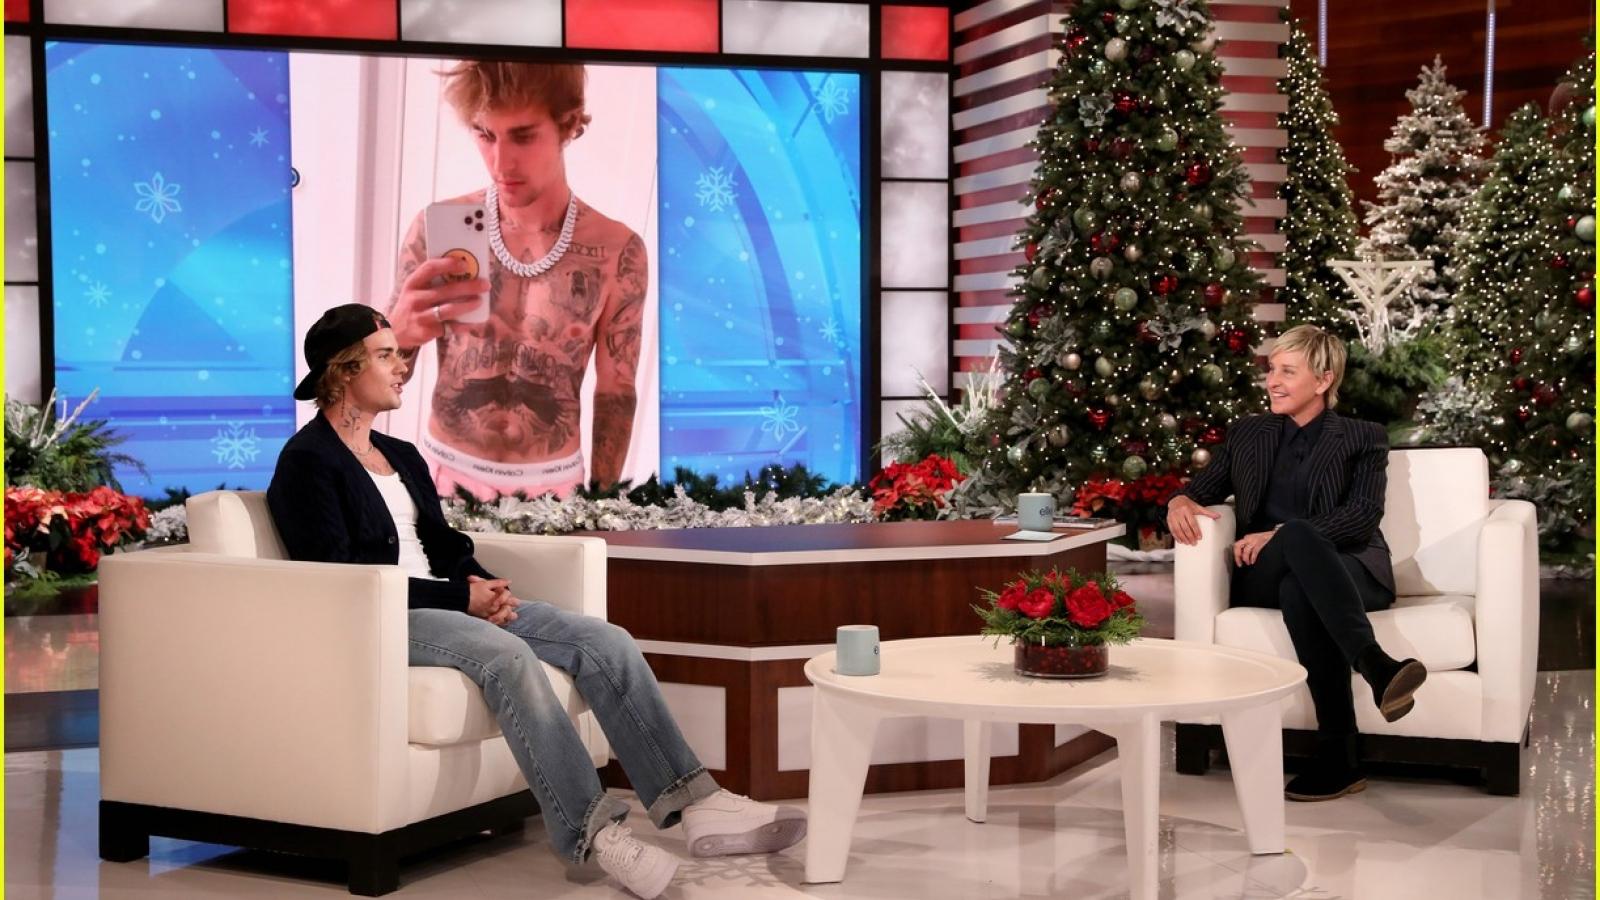 Justin Bieber lần đầu chia sẻ lý do chưa thể có con trong thời điểm này